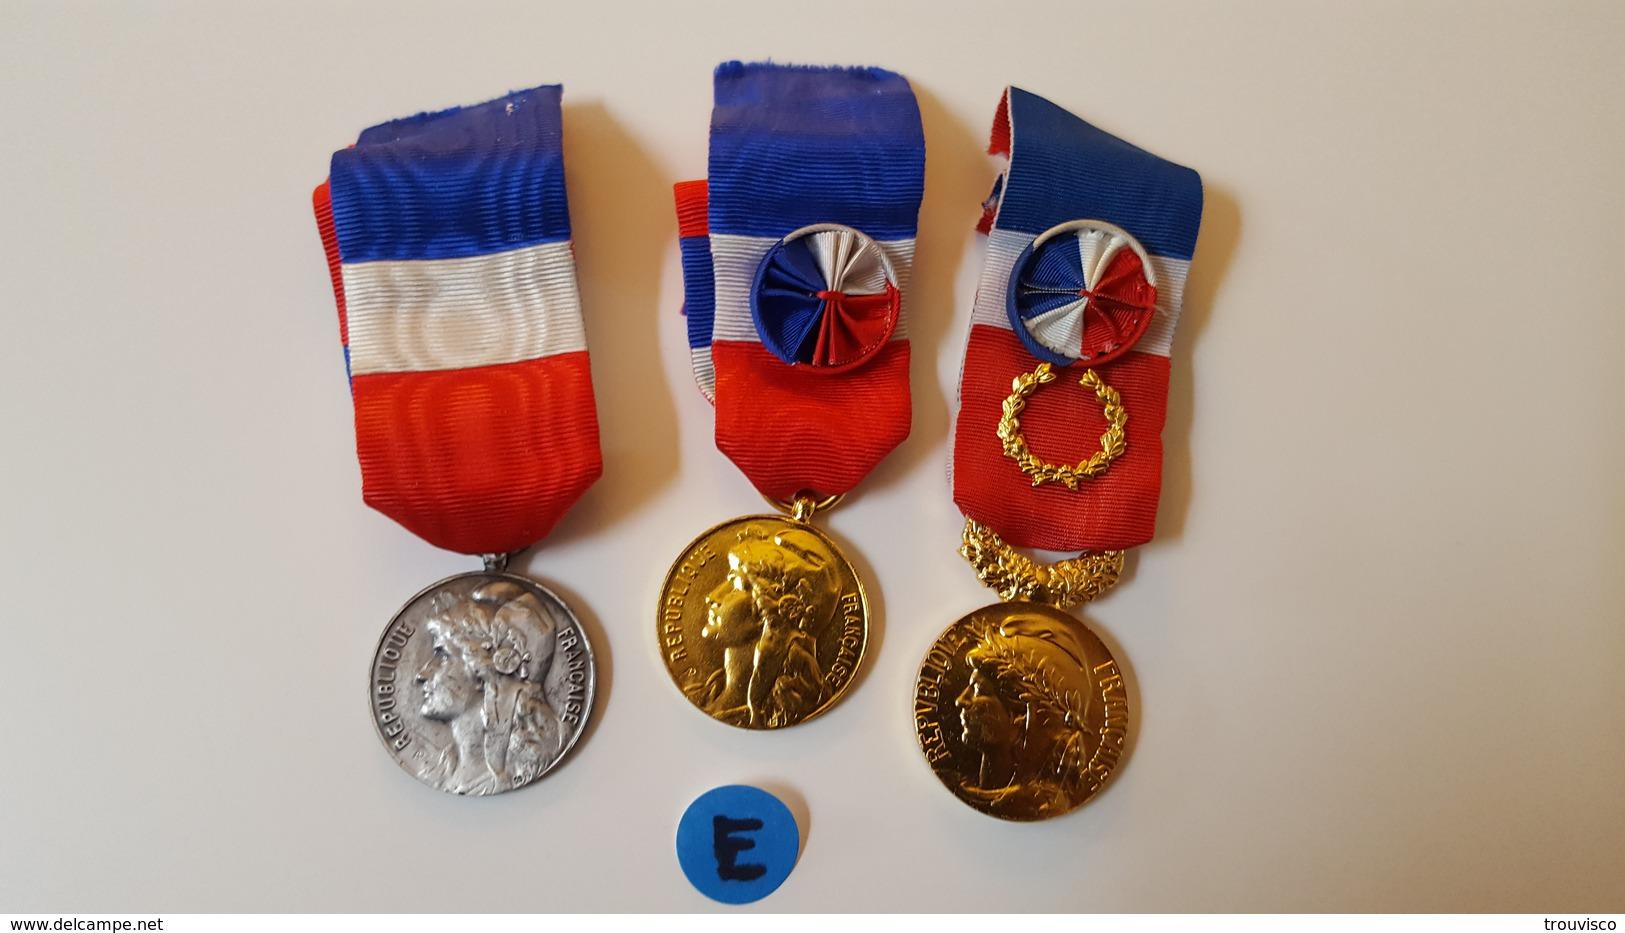 3 MÉDAILLES DU TRAVAIL. - Militares